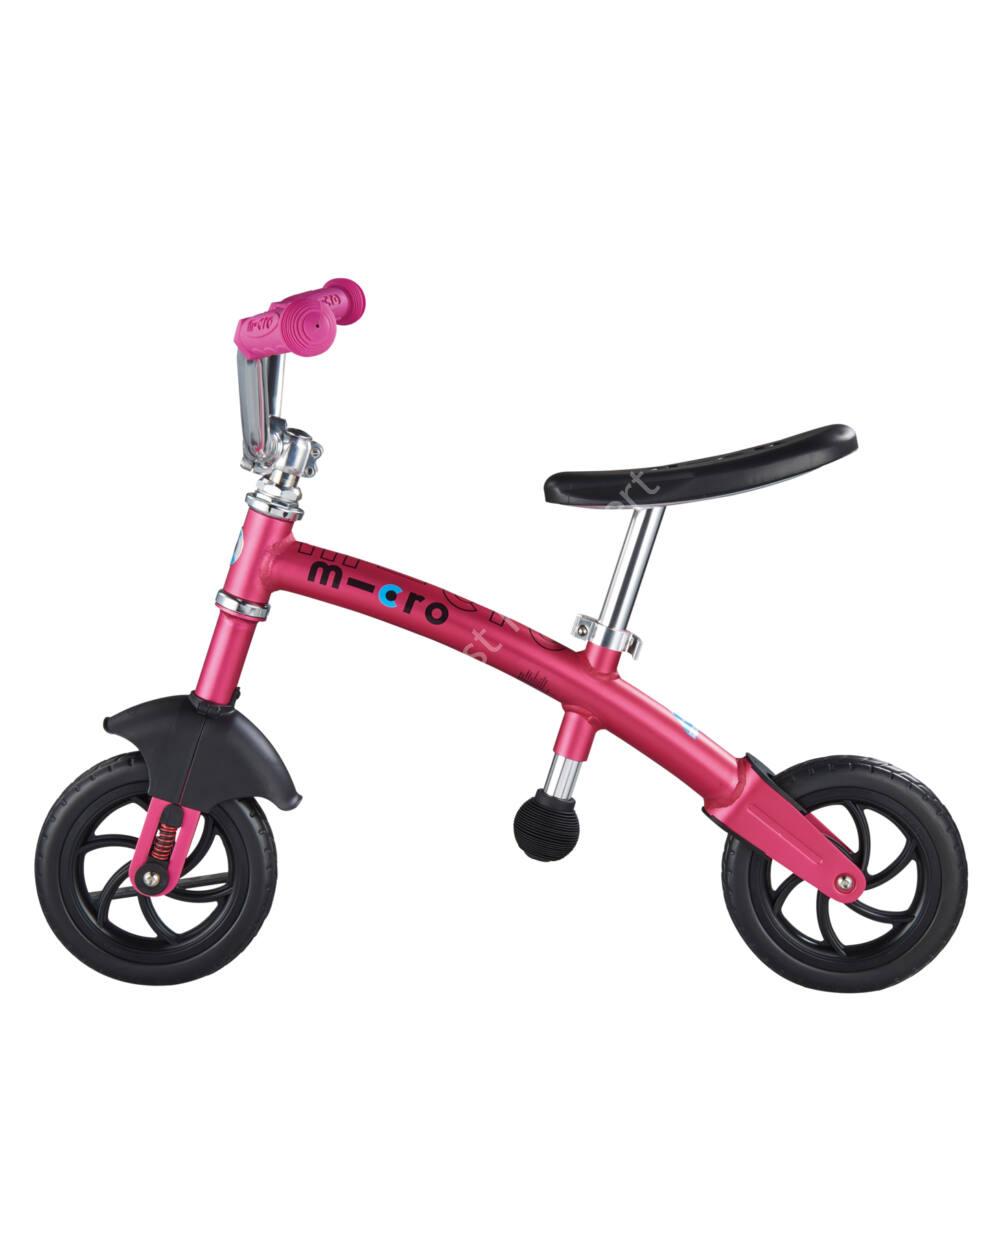 Micro 2in1 G-Bike Chopper Deluxe futóbicikli, pink